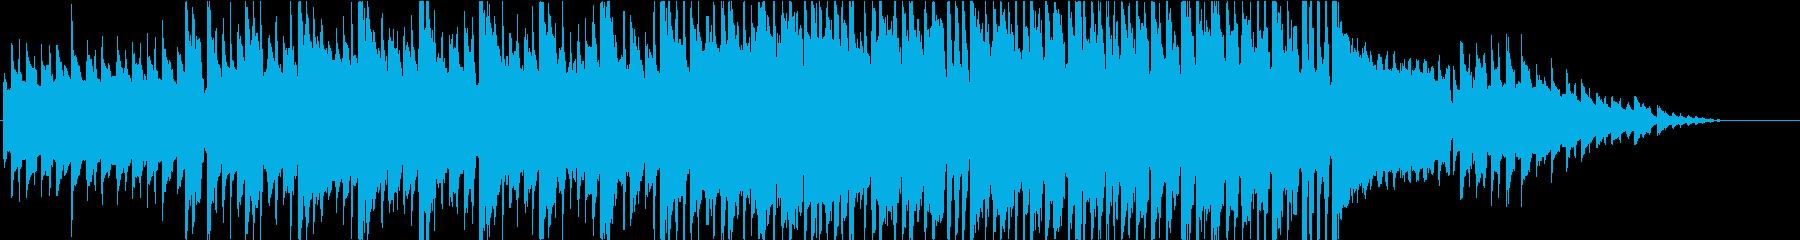 ほのぼのした日常にあいそうな曲の再生済みの波形